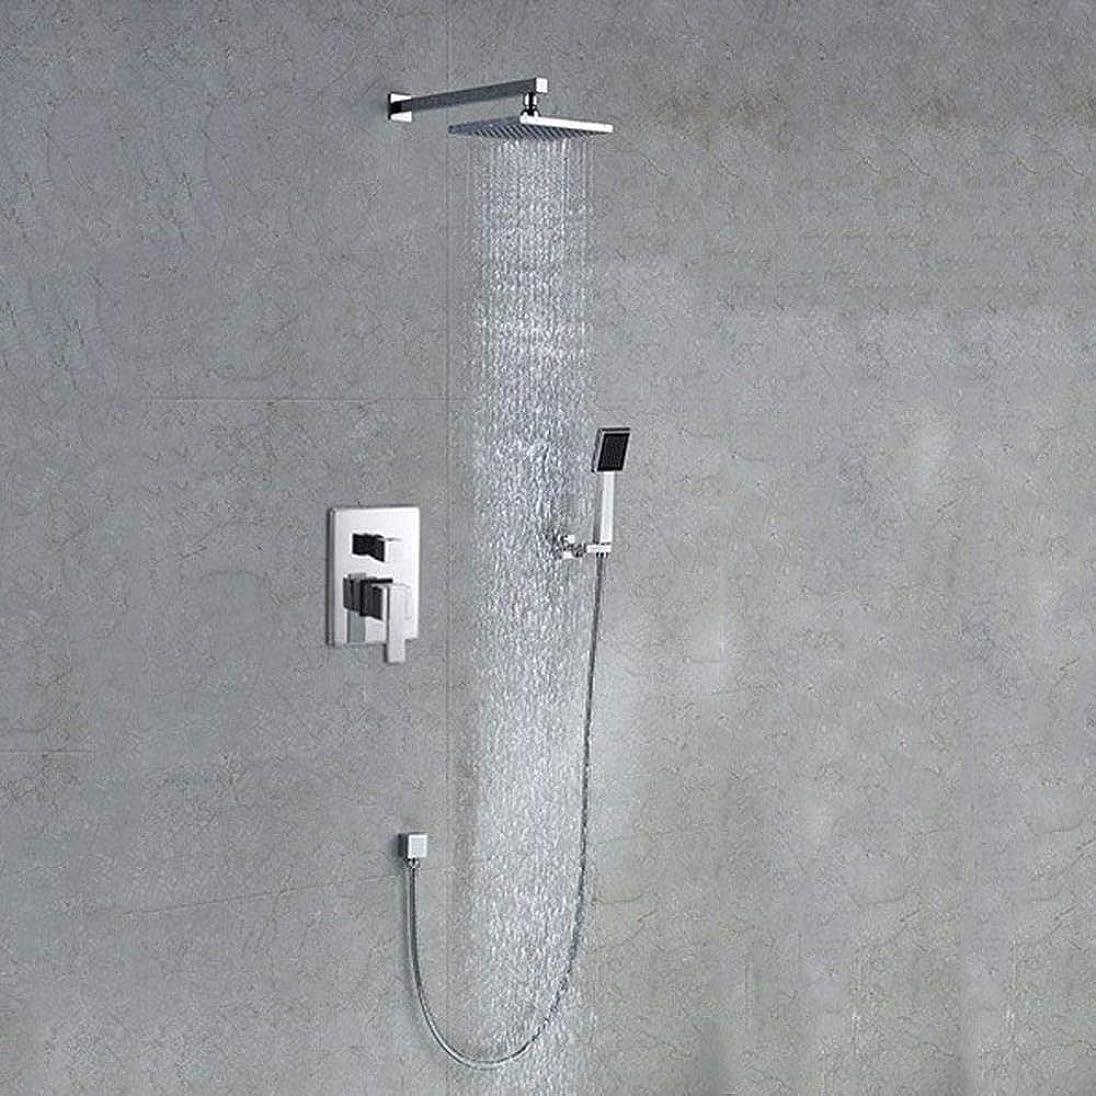 湿気の多いデイジーリールシャワーシステム サーモスタットシャワーフィッティングシャワーはハンドシャワー用ミキサーでウォールブラケットシャワートレイ レインシャワーシステム